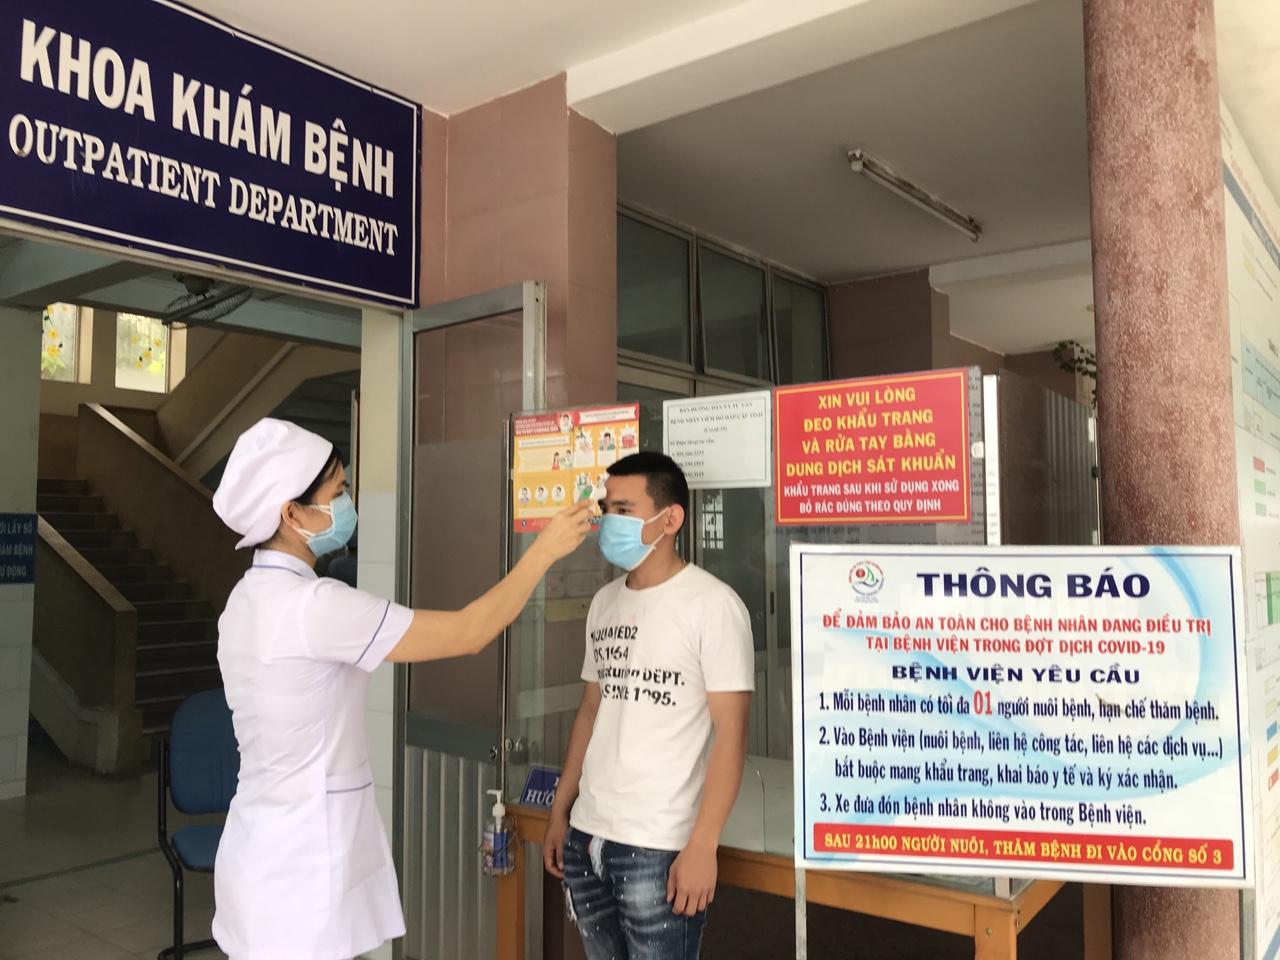 Đo thân nhiệt cho người đến khám bệnh tại Bệnh viện Đa khoa tỉnh Khánh Hoà